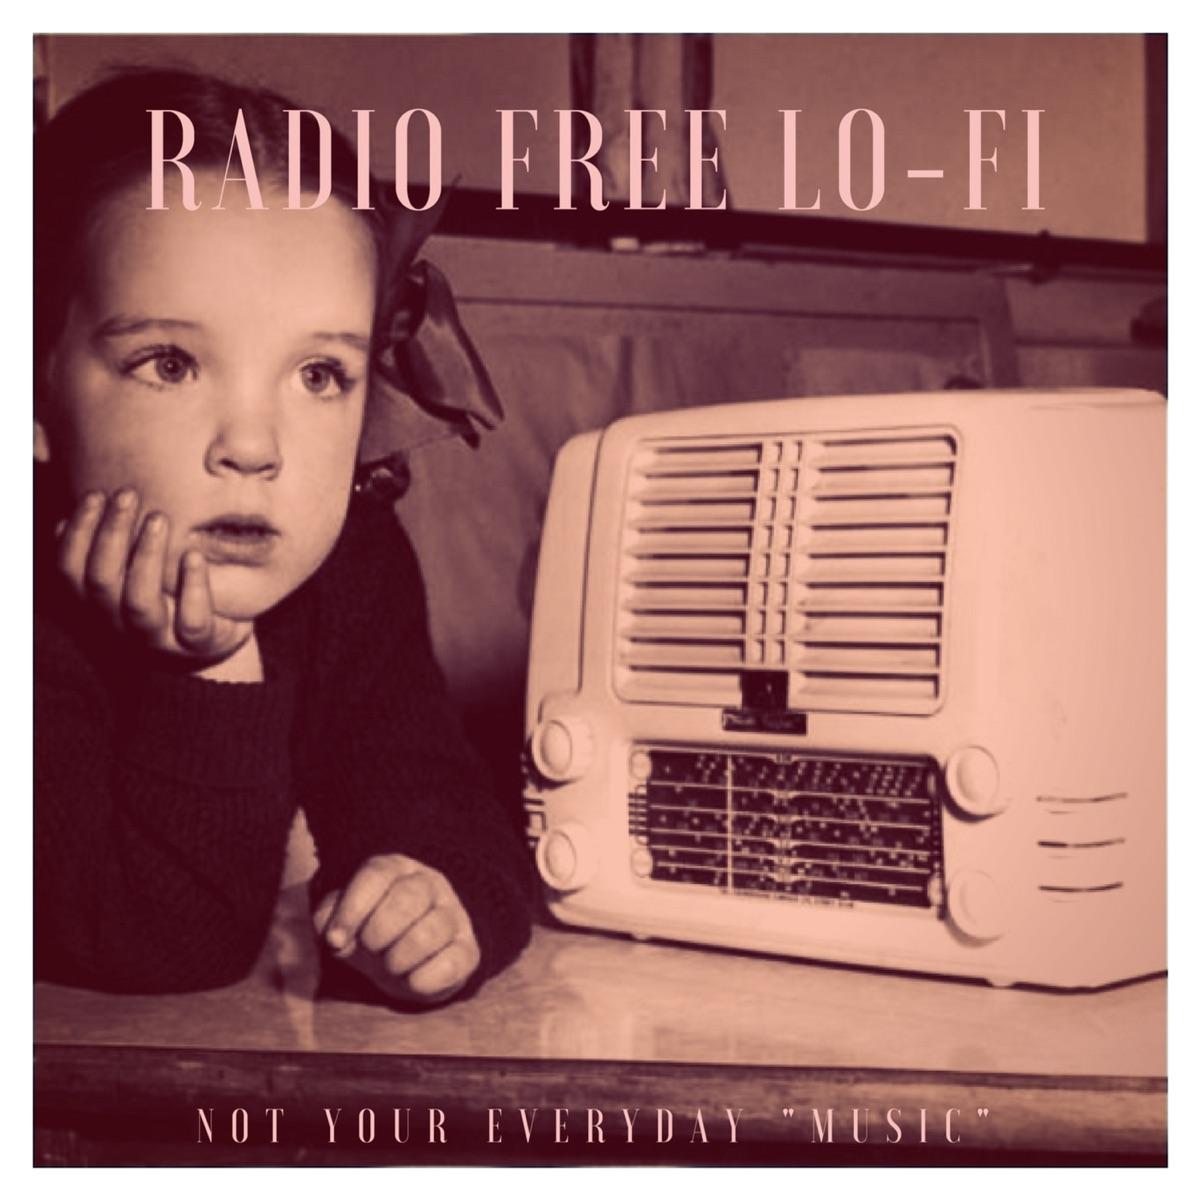 Radio Free Lo-Fi